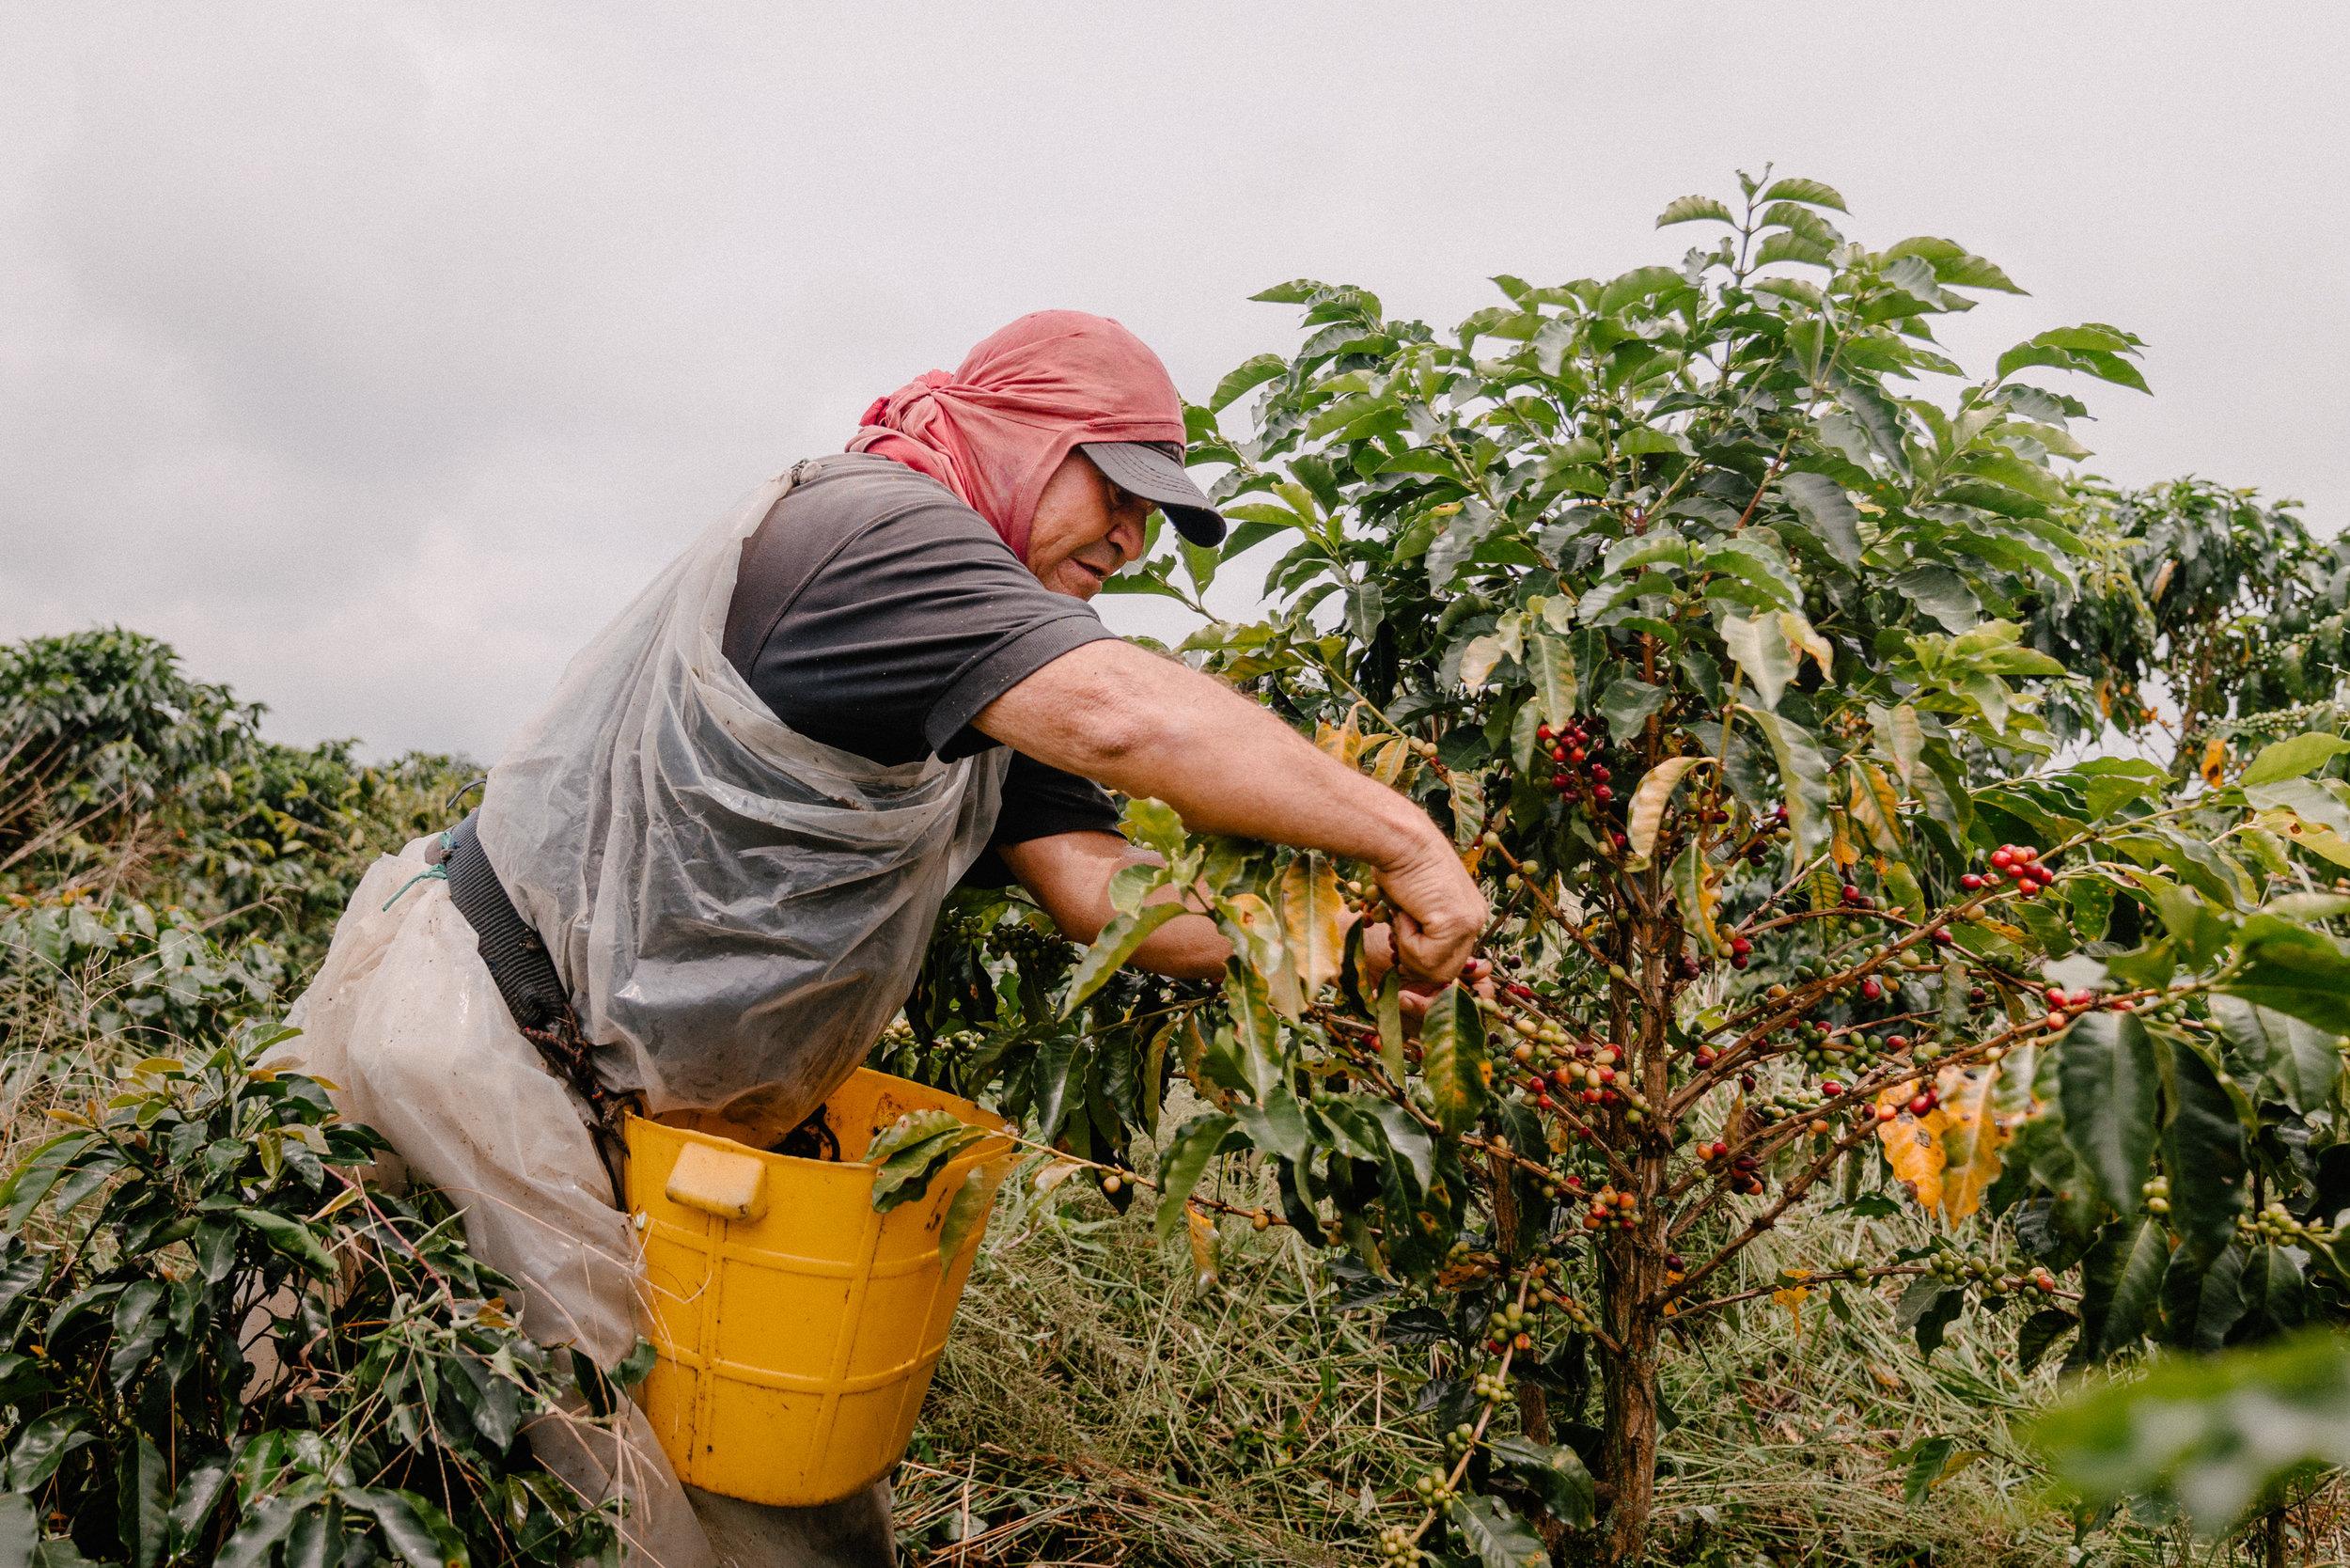 Emanuel-Hahn-Colombia-Coffee-Farmers-Huila-Manizales-Pagpropina-6.jpg